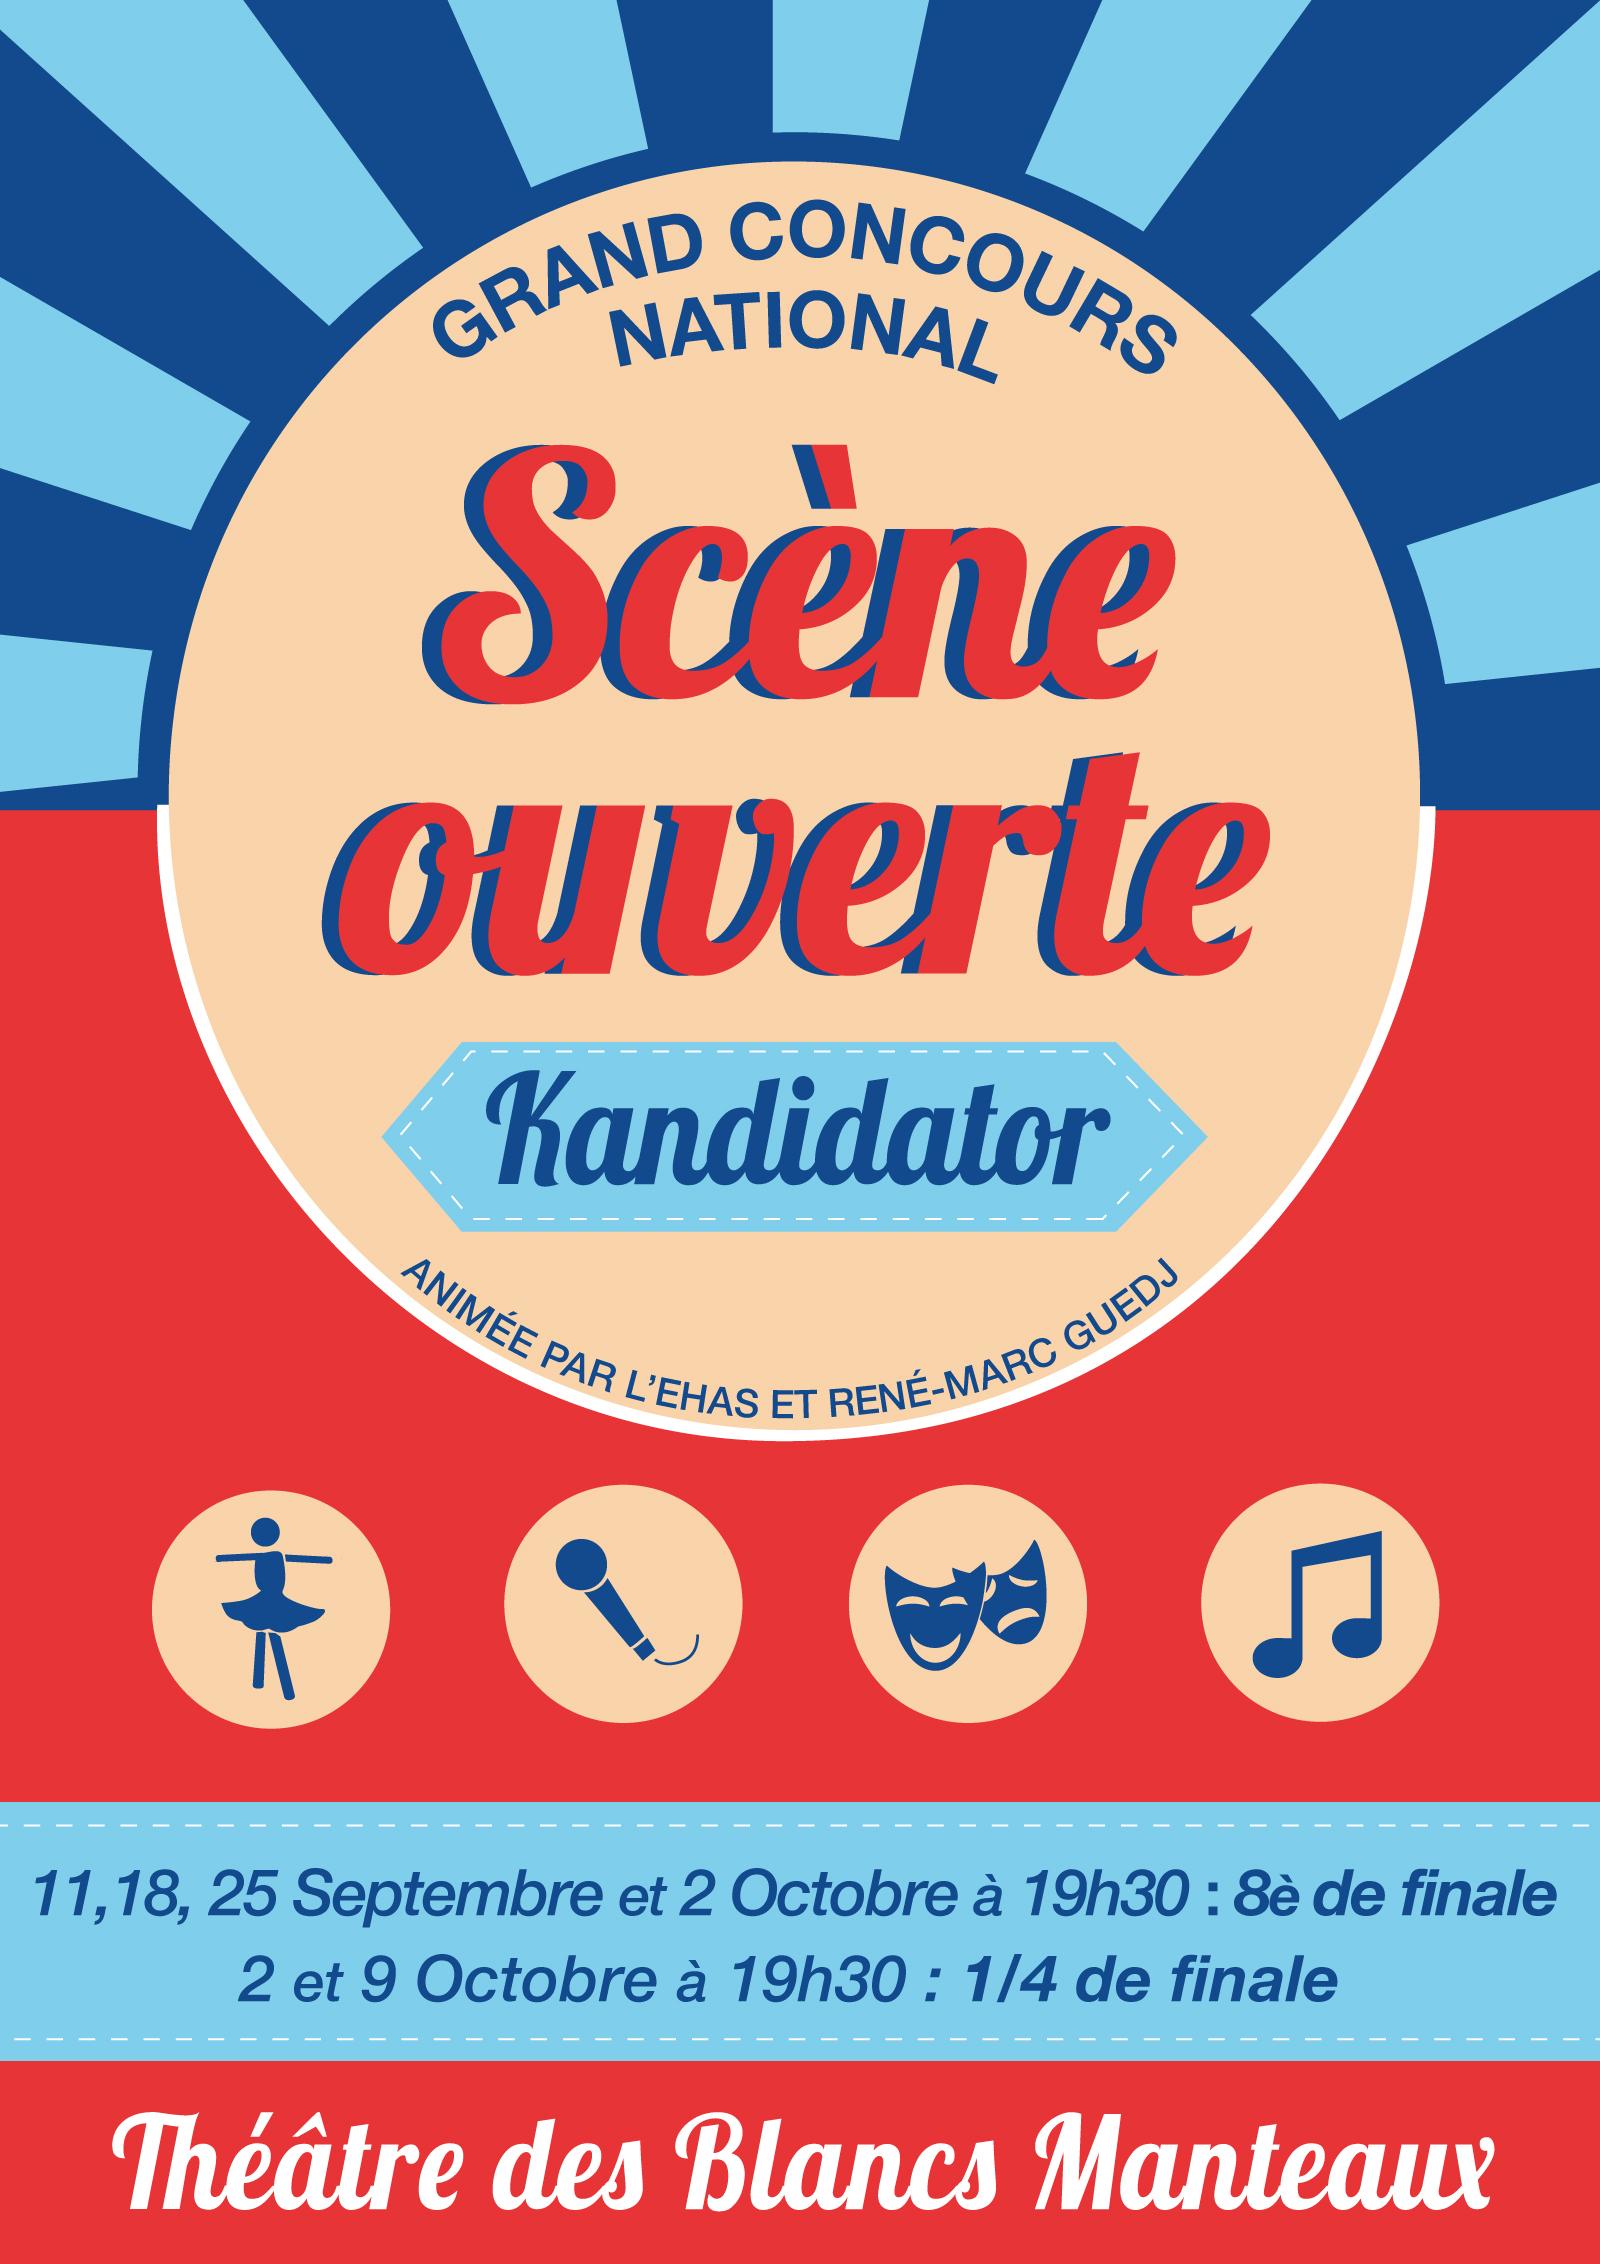 Huitième de Finale, le 2 Octobre - Théâtre des Blancs-Manteaux